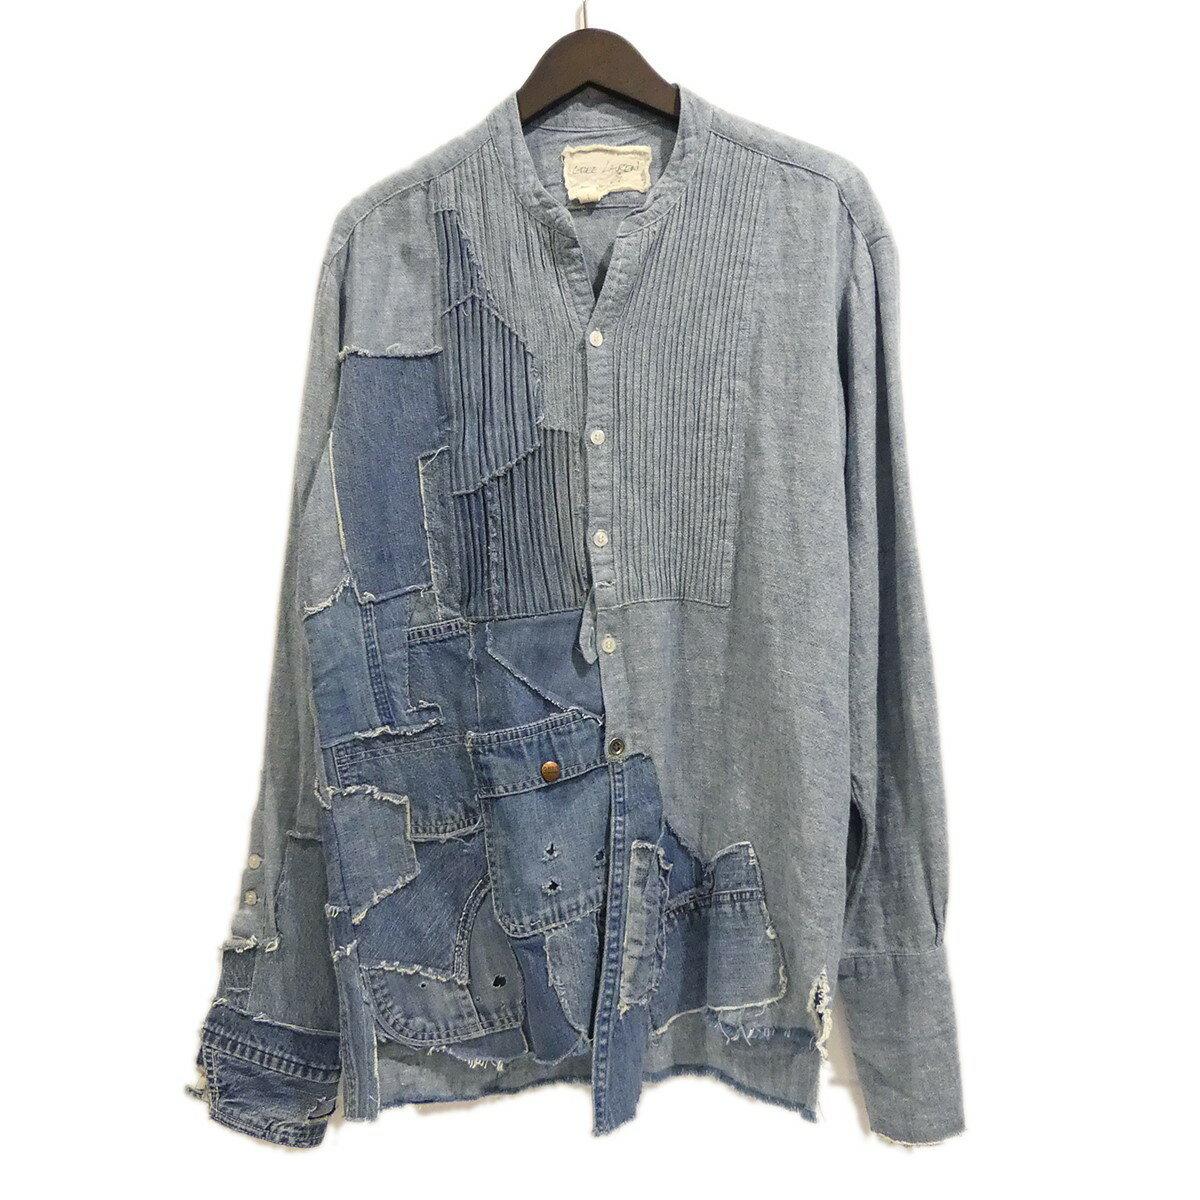 トップス, カジュアルシャツ Greg Lauren WATER FALLNINTAGE DENIM TUX SHIRT 1 211119